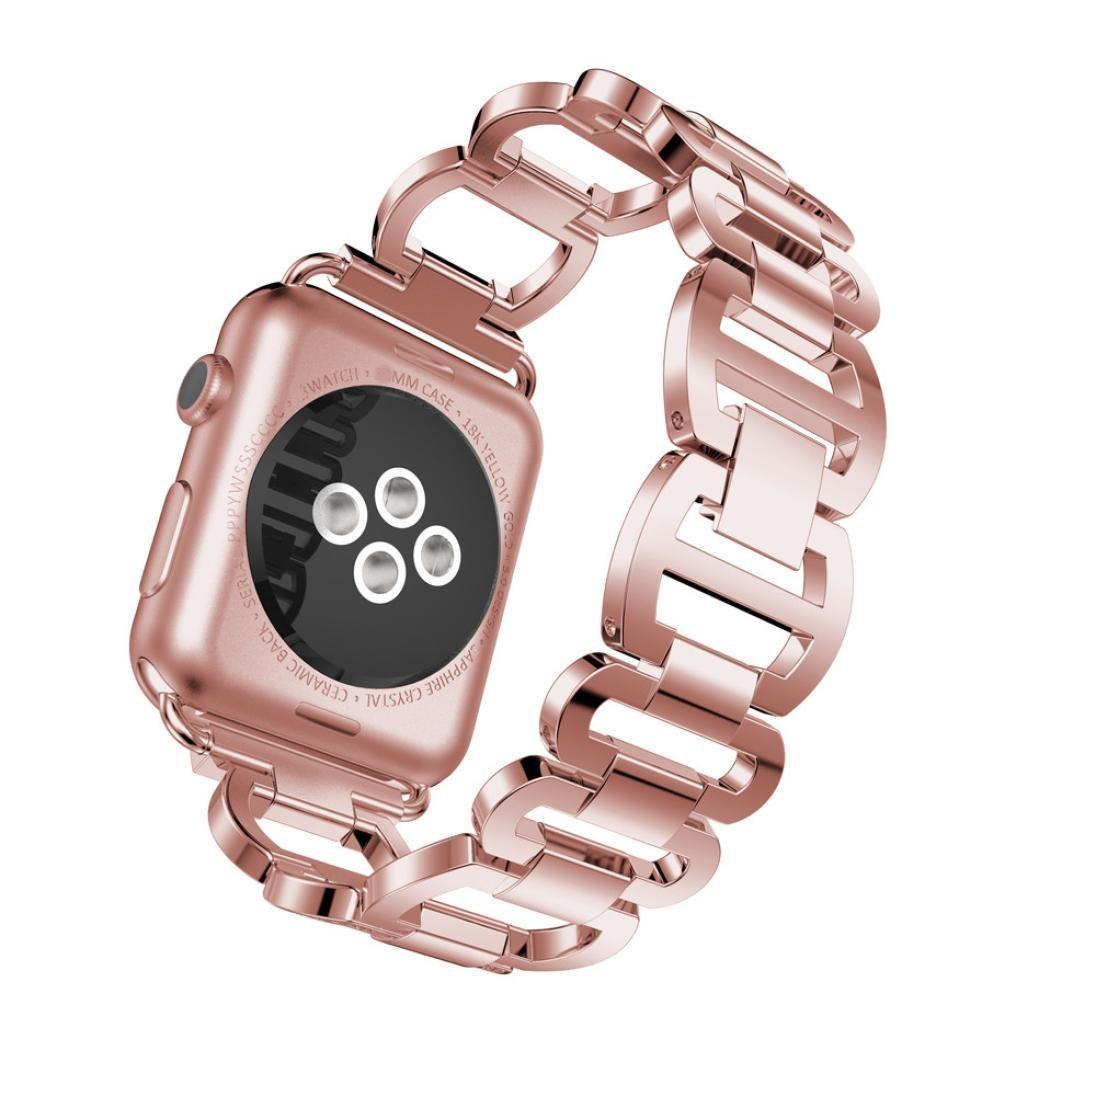 Apple Watchシリーズバンド、ダイヤモンドステンレススチールブレスレット時計バンドストラップfor Apple Watchシリーズ3 38 mm B075SV1KCP ピンク ピンク